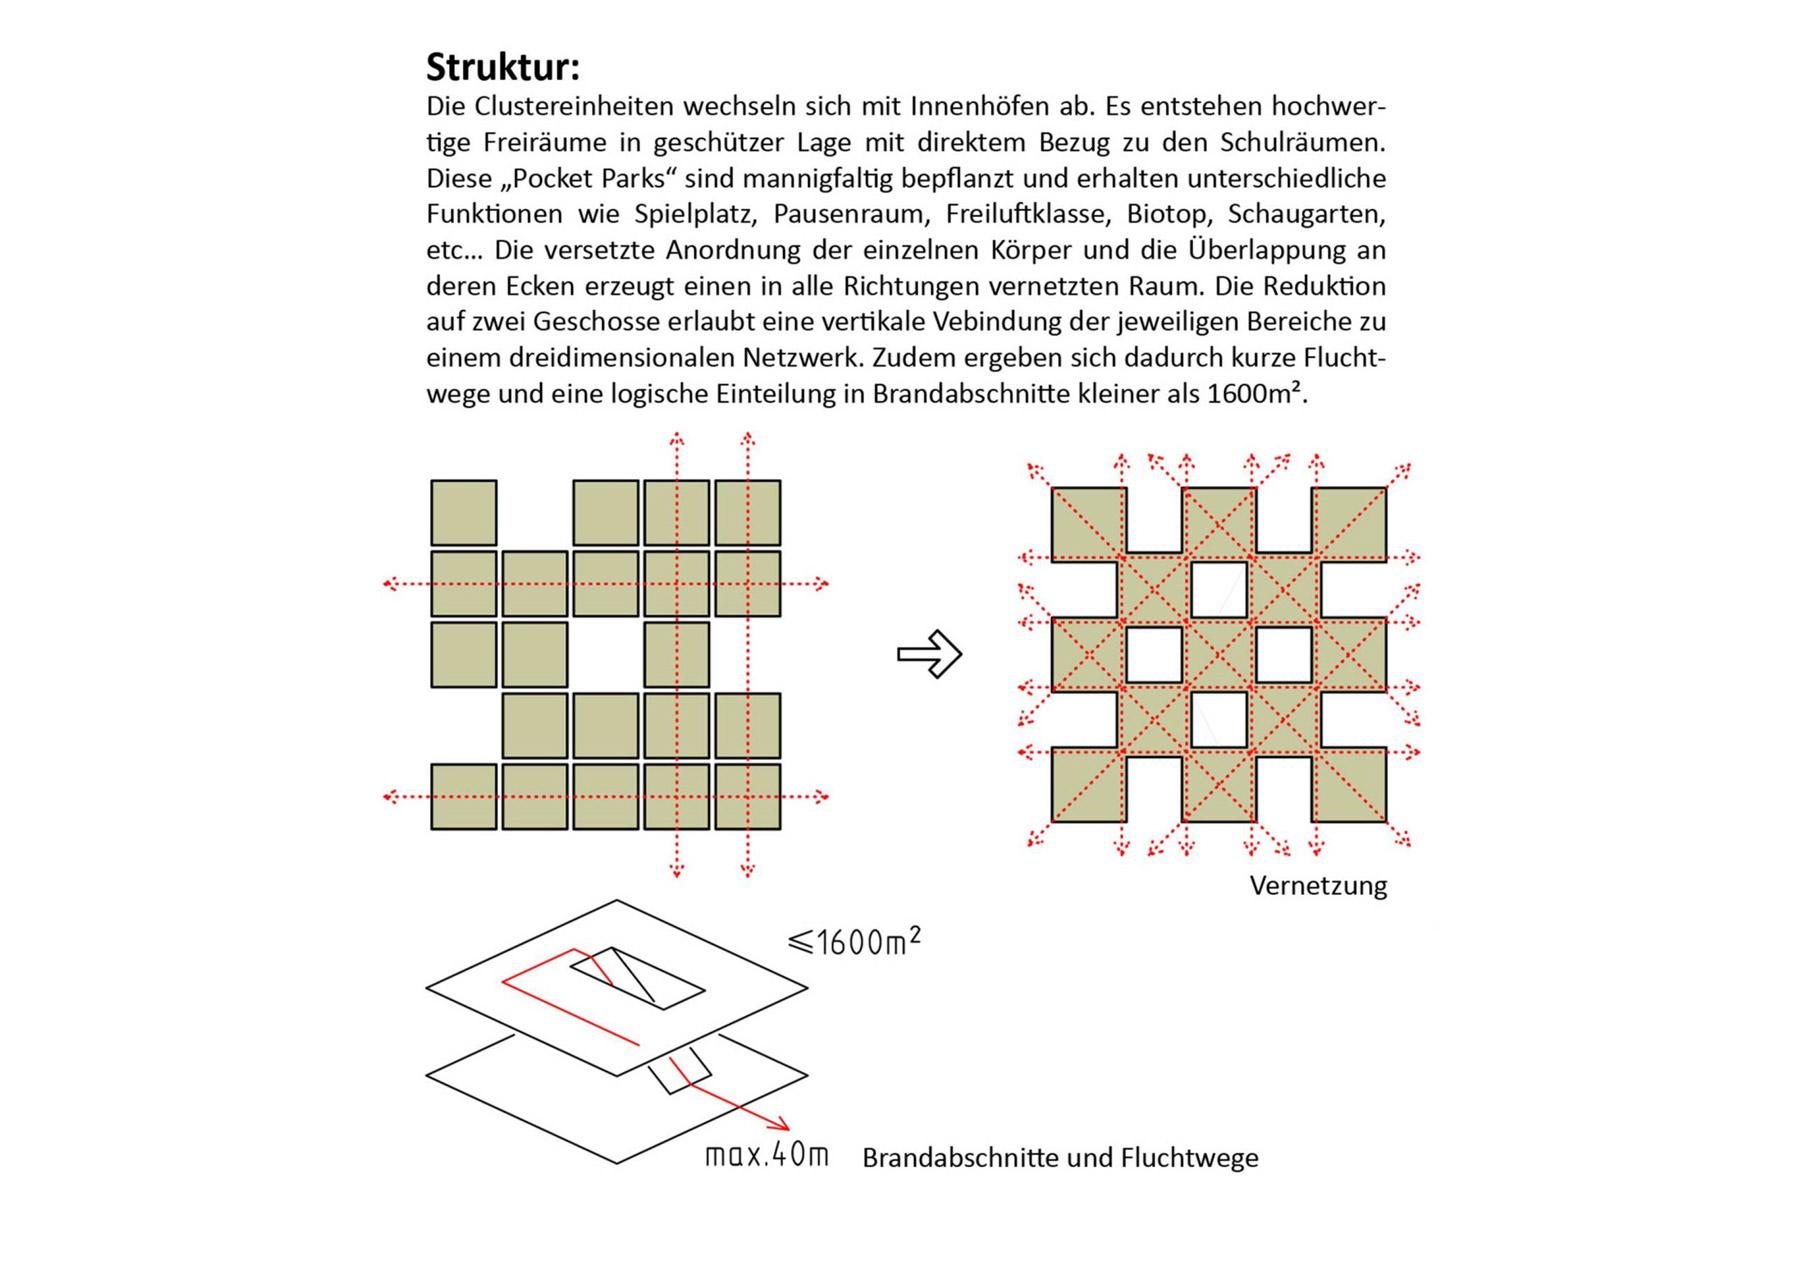 093_wb_wien_BILDUNGSKAMPUS_Slide_05